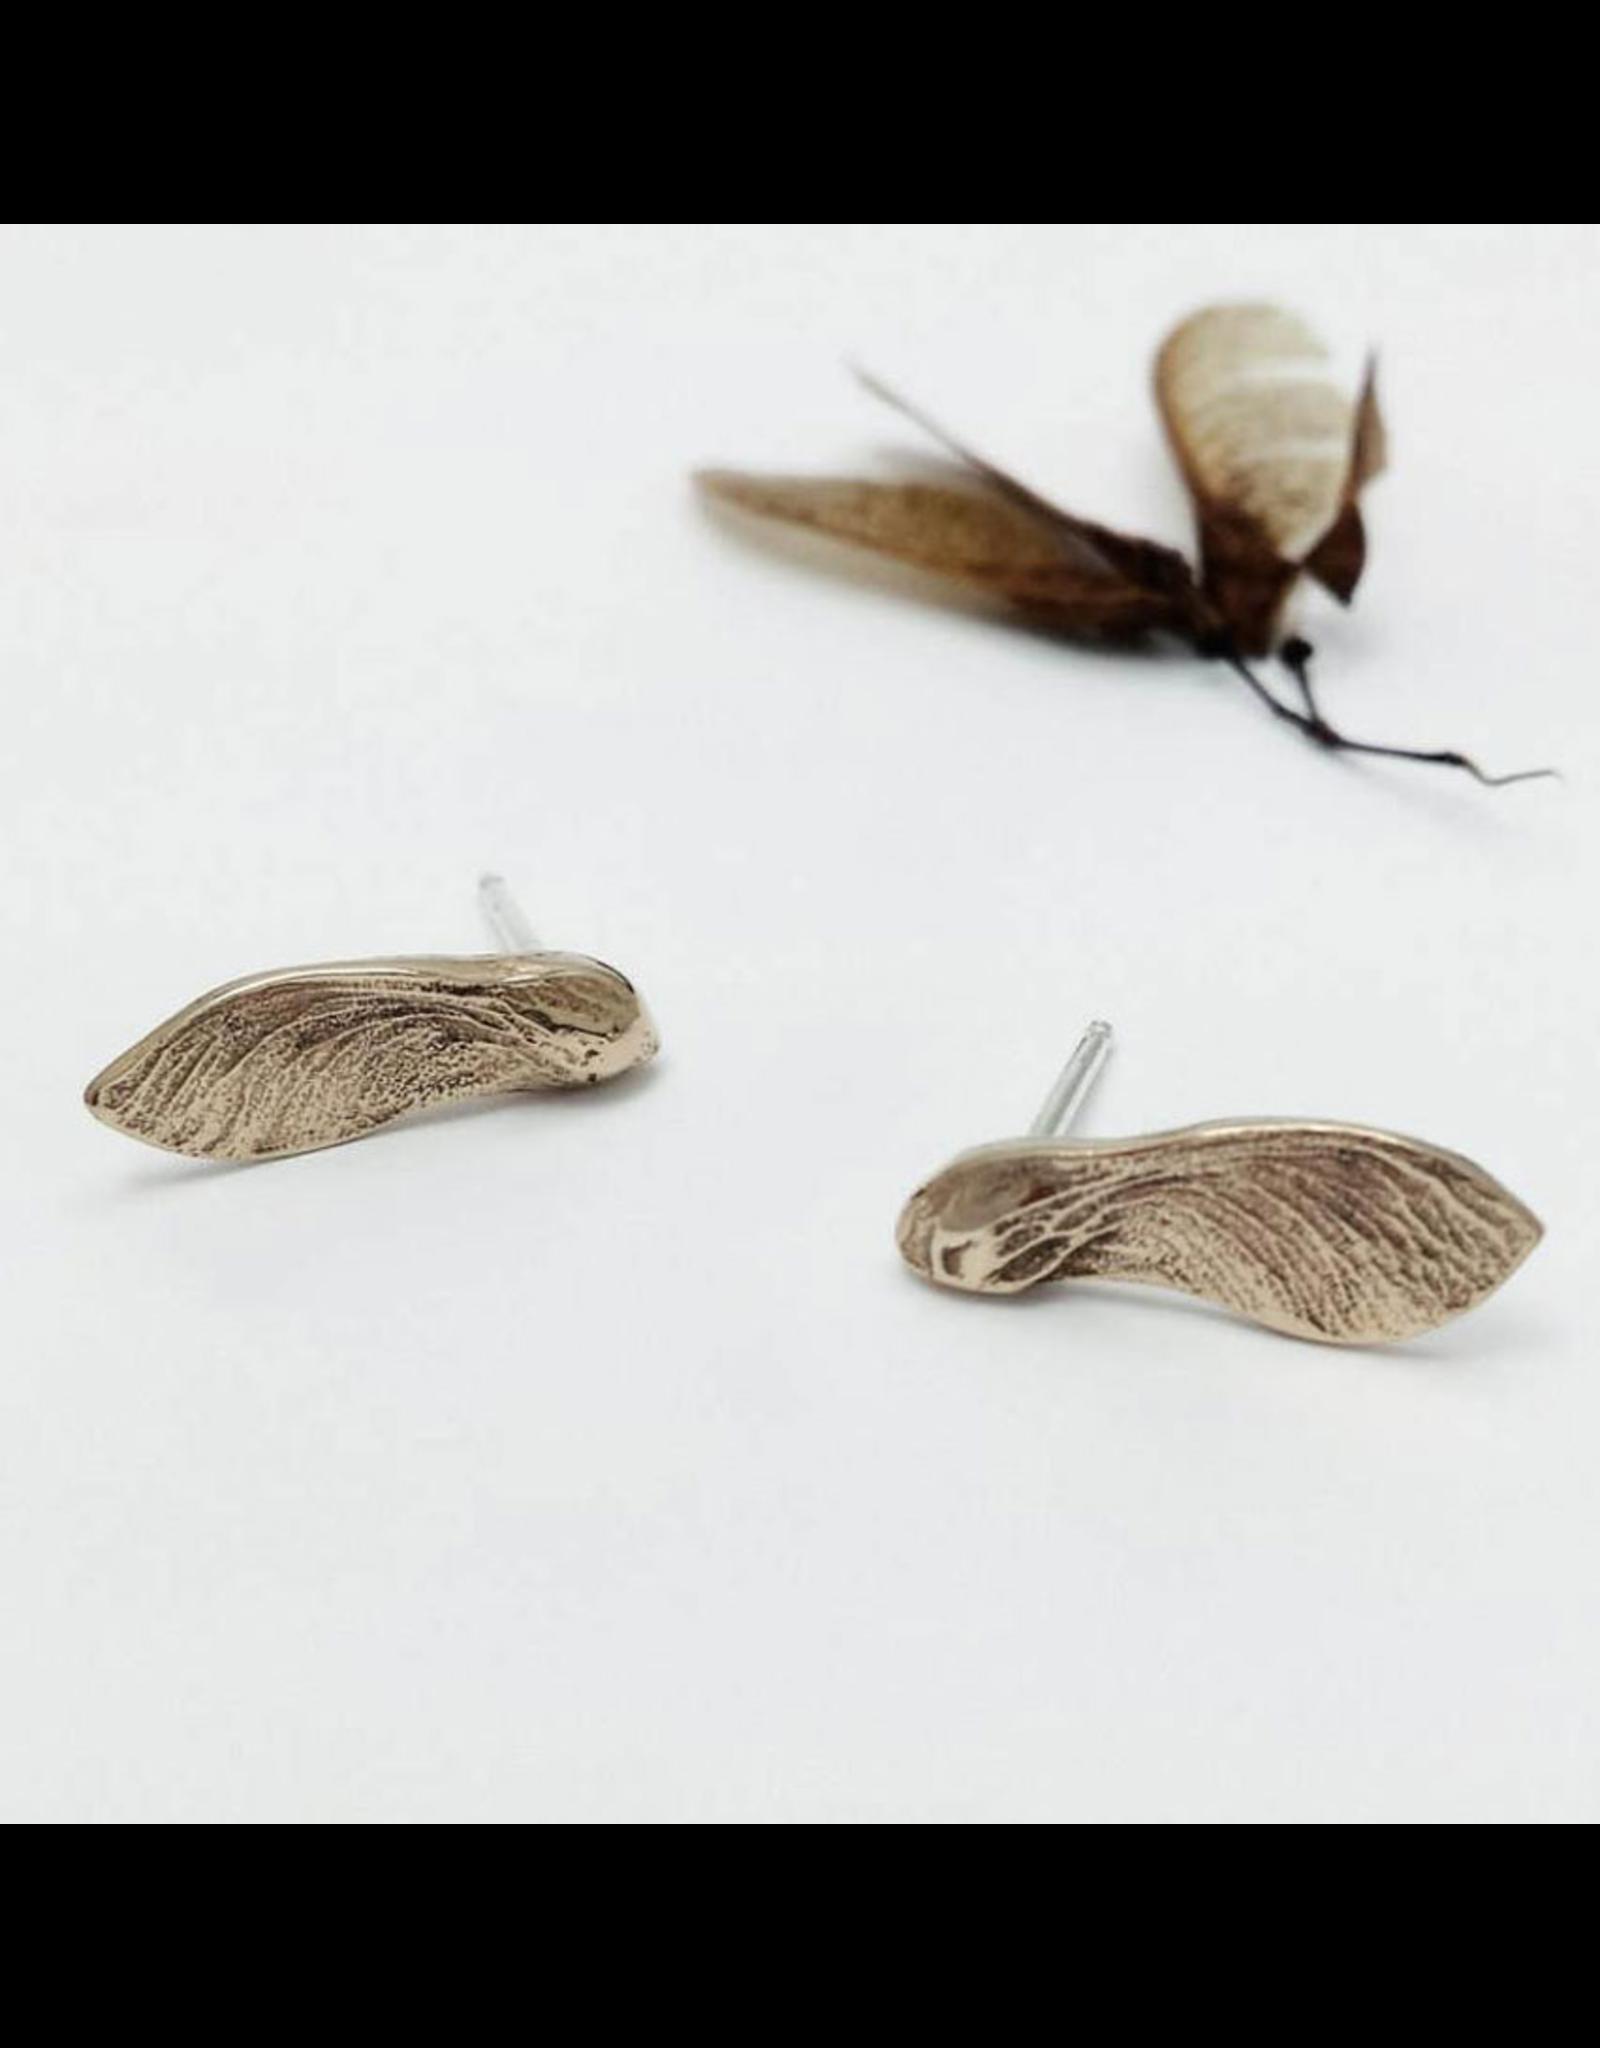 Cast Maple Key Stud Earrings - Bronze